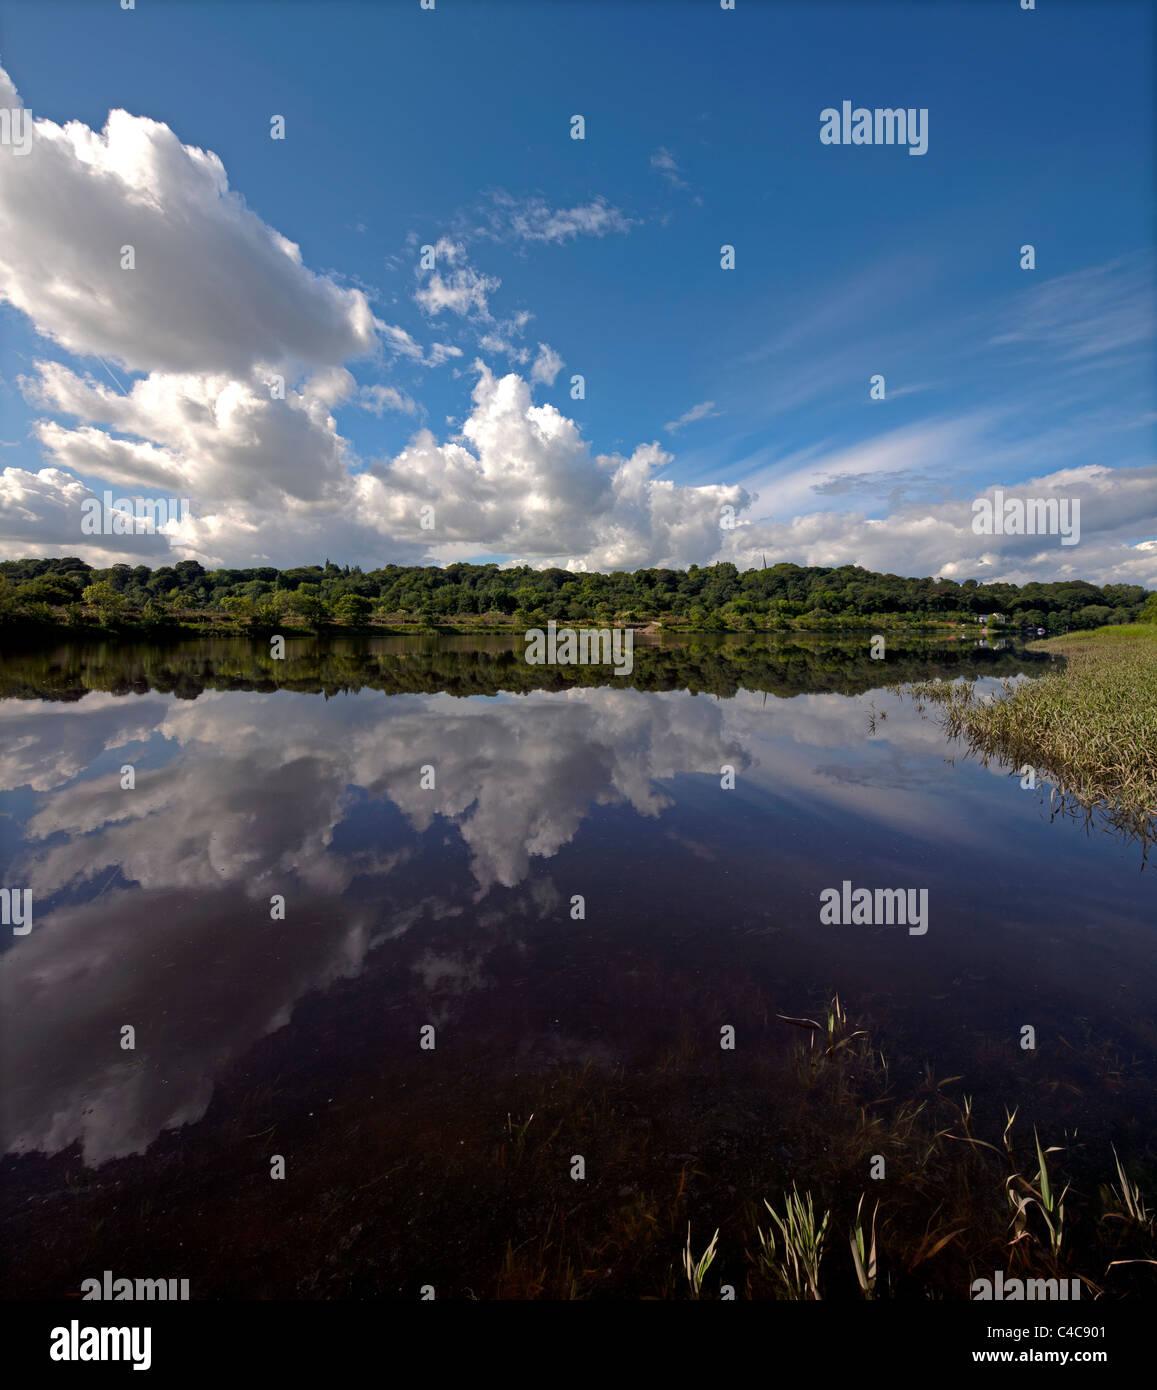 Réflexions sur une parfaite journée d'été sur la rivière Tyne près de Newburn, Photo Stock